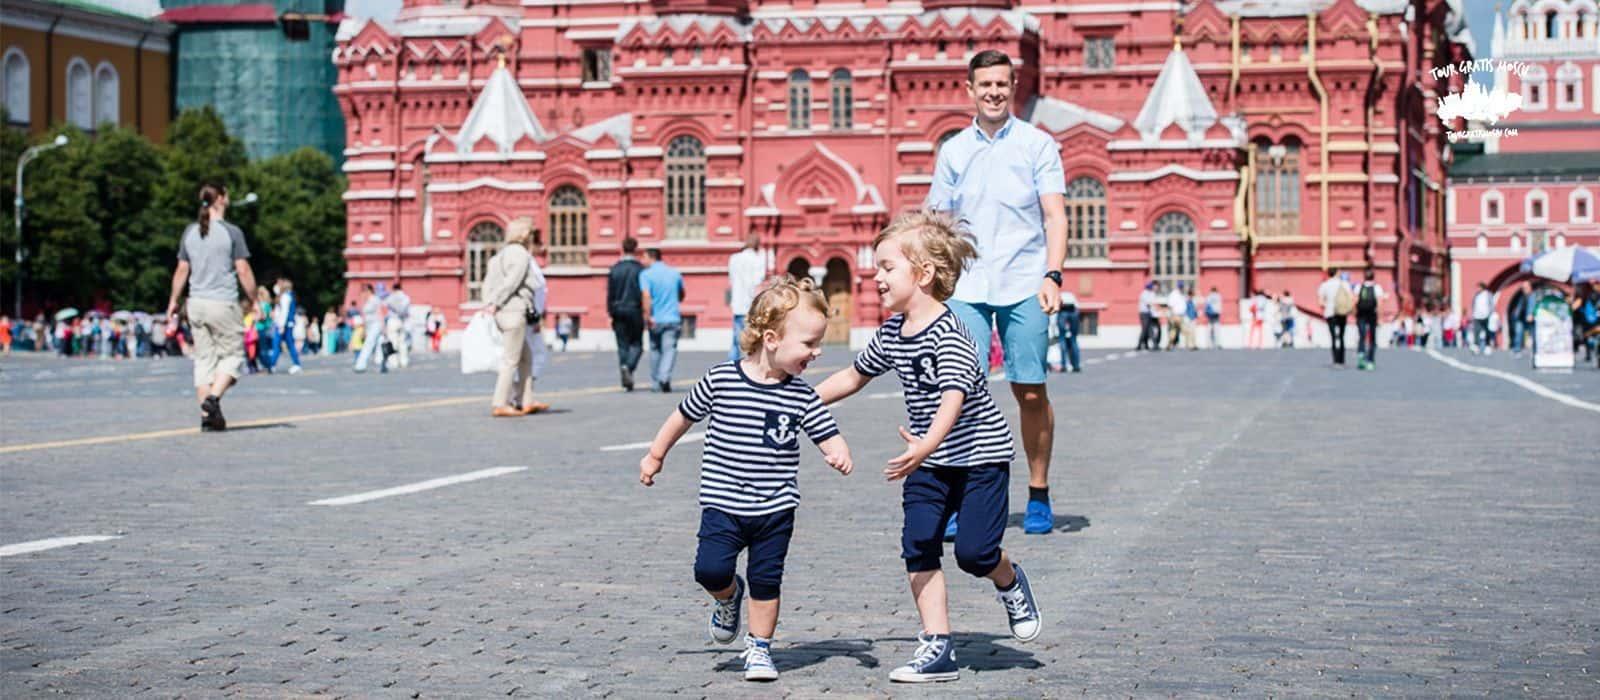 Walking city en Moscú (Caminando la ciudad)